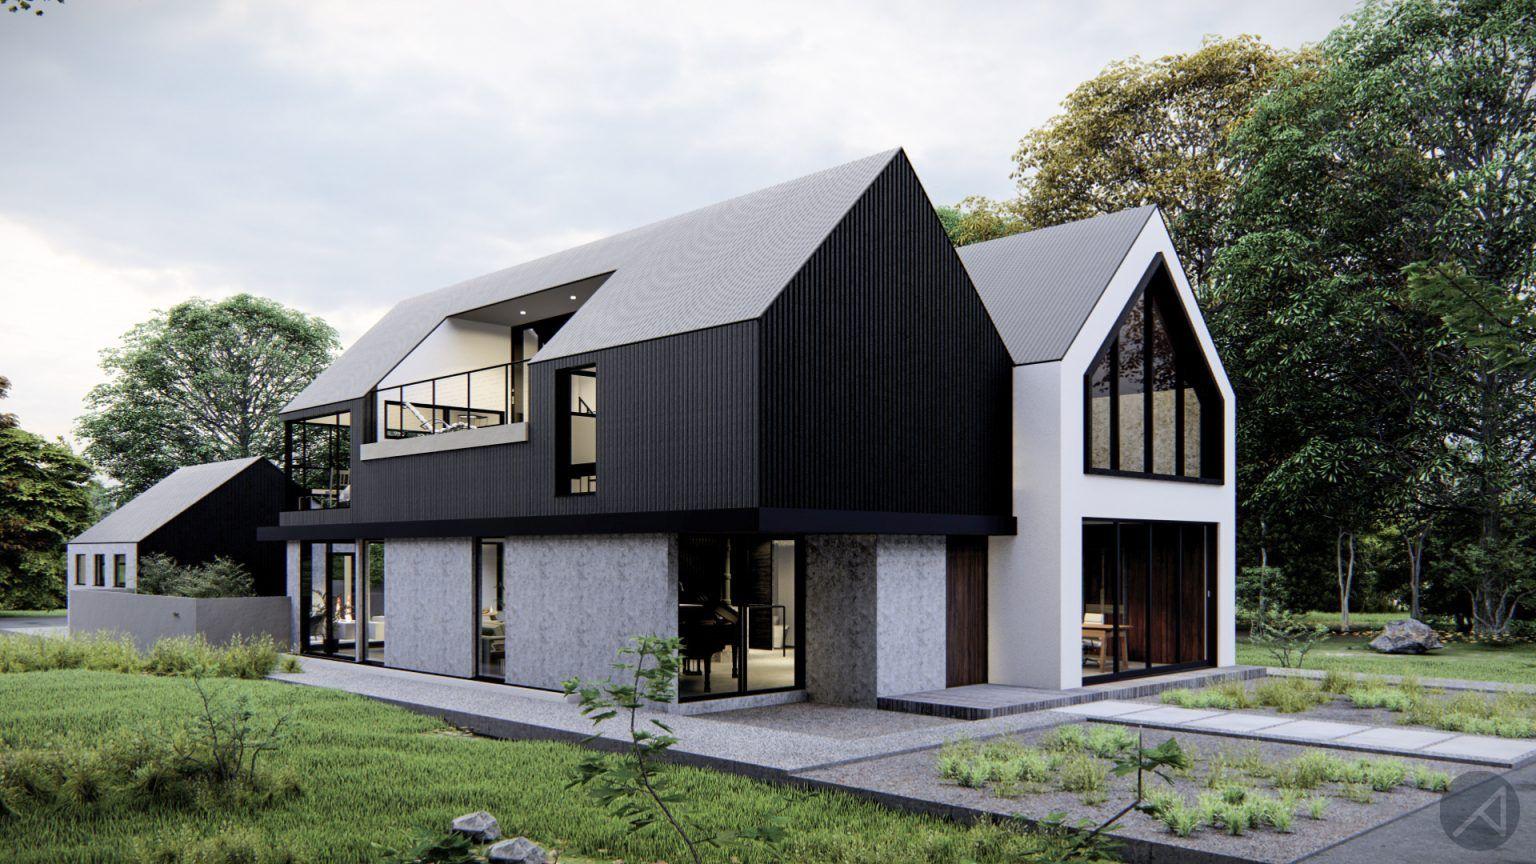 Contemporary Scandinavian House Plan In 2020 Scandinavian Home Scandinavian Modern House House Plans